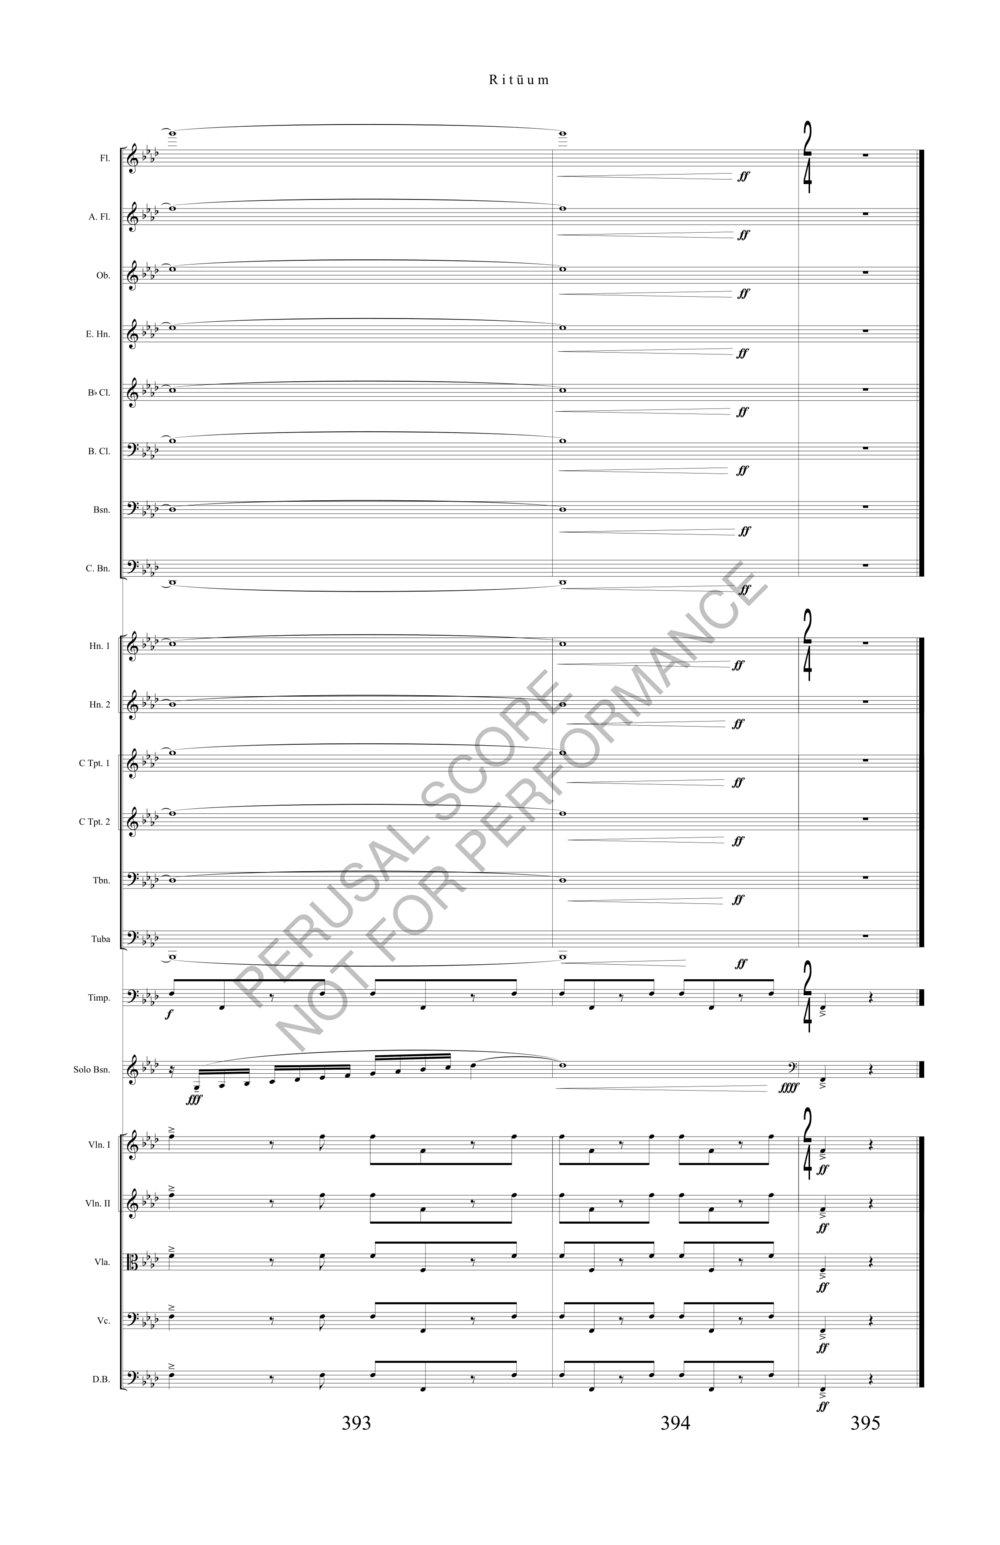 Boyd Rituum Score-watermark (1)-88.jpg